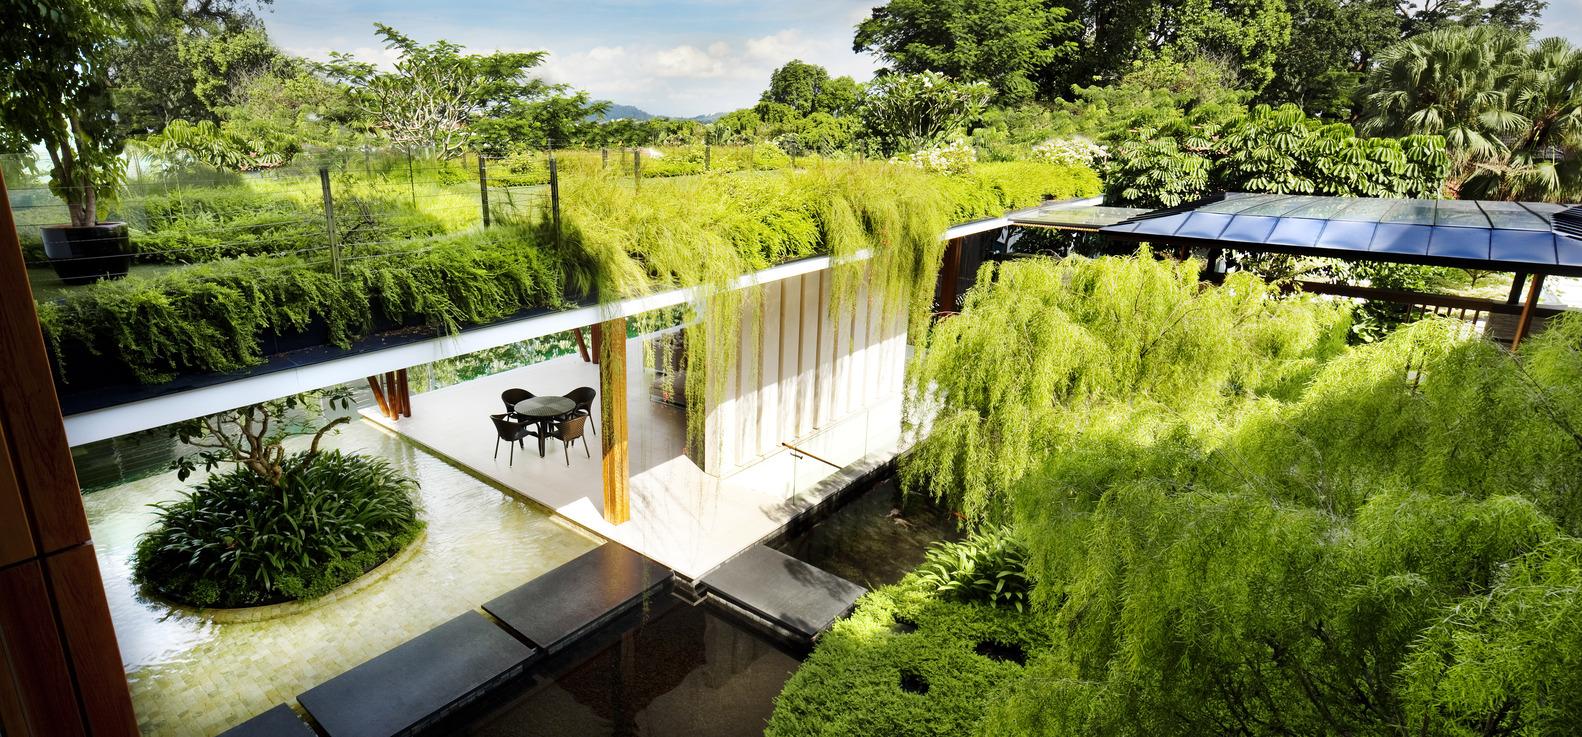 willow-house-termeszetkozelben-noko-012.jpg